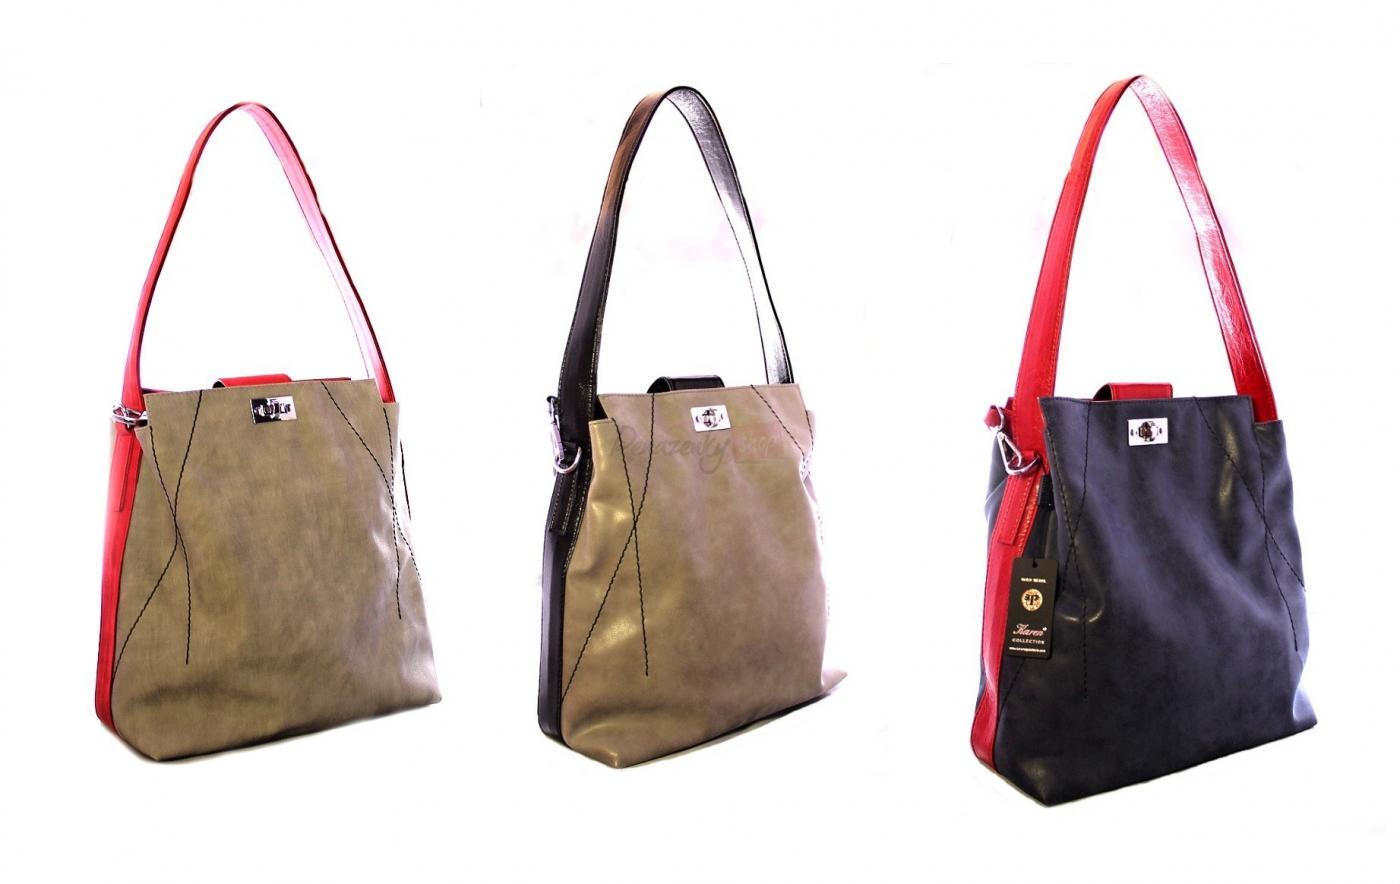 Dámska trendová kabelka Karen d8abb0a6e55